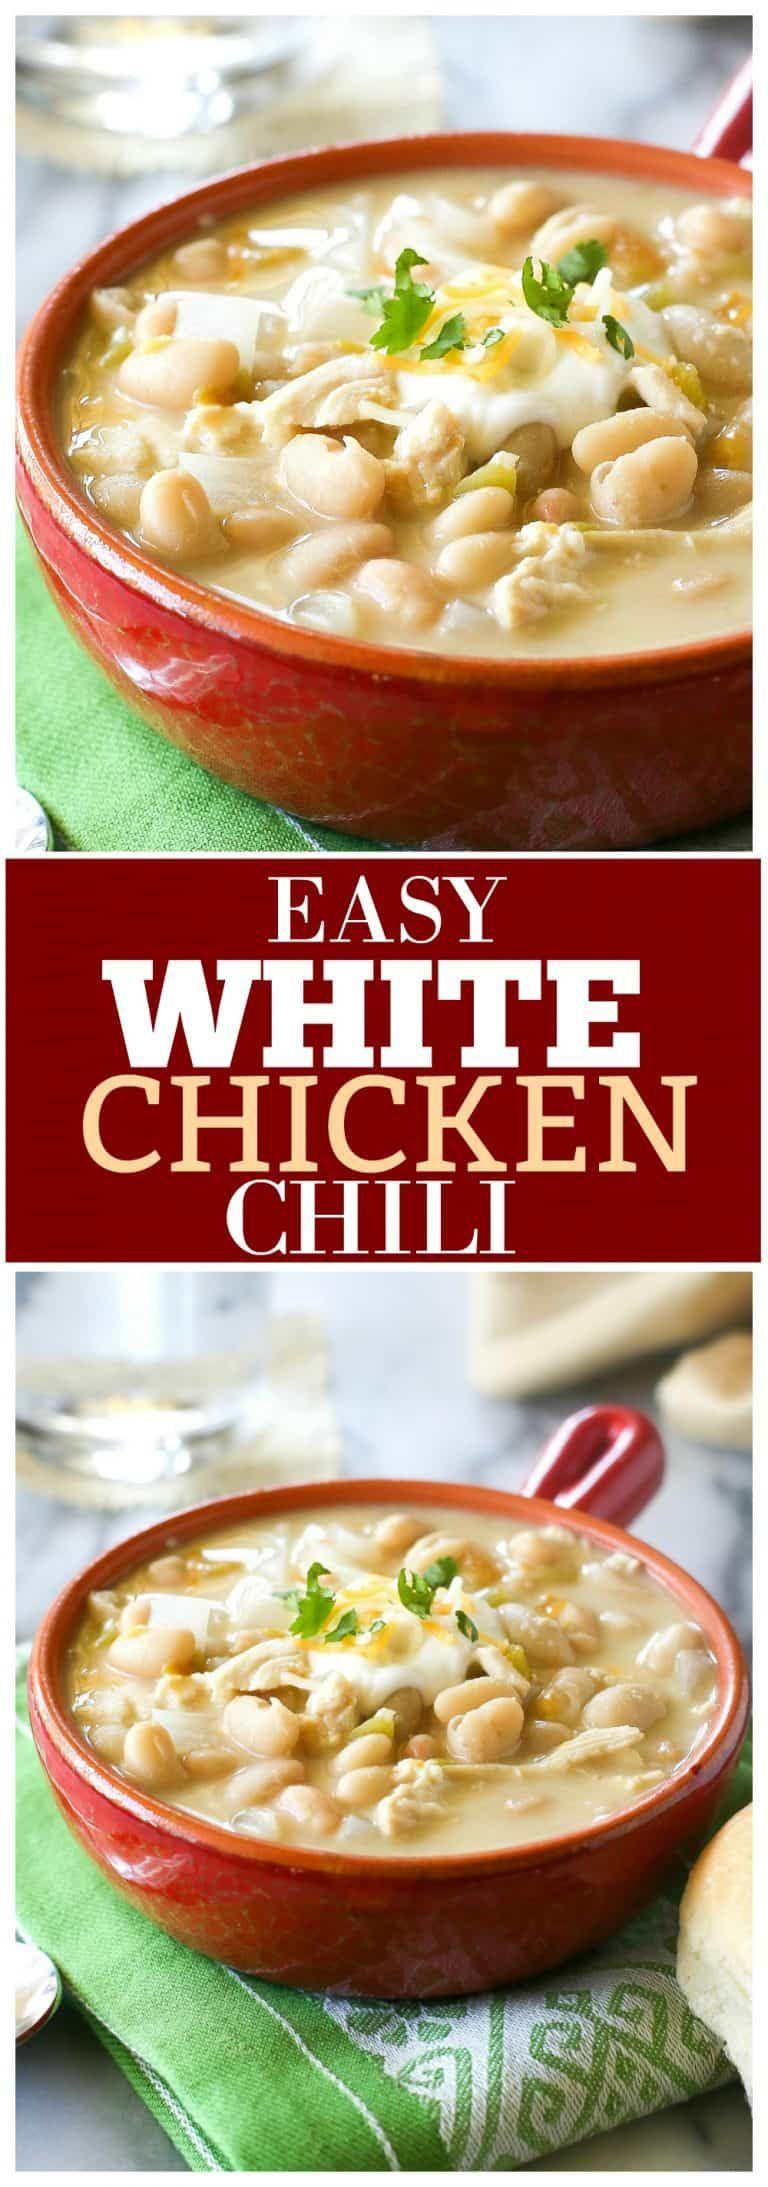 White Chicken Chili Recipe The Girl Who Ate Everything Recipe White Chili Chicken Recipe Recipes Chicken Chili Recipe